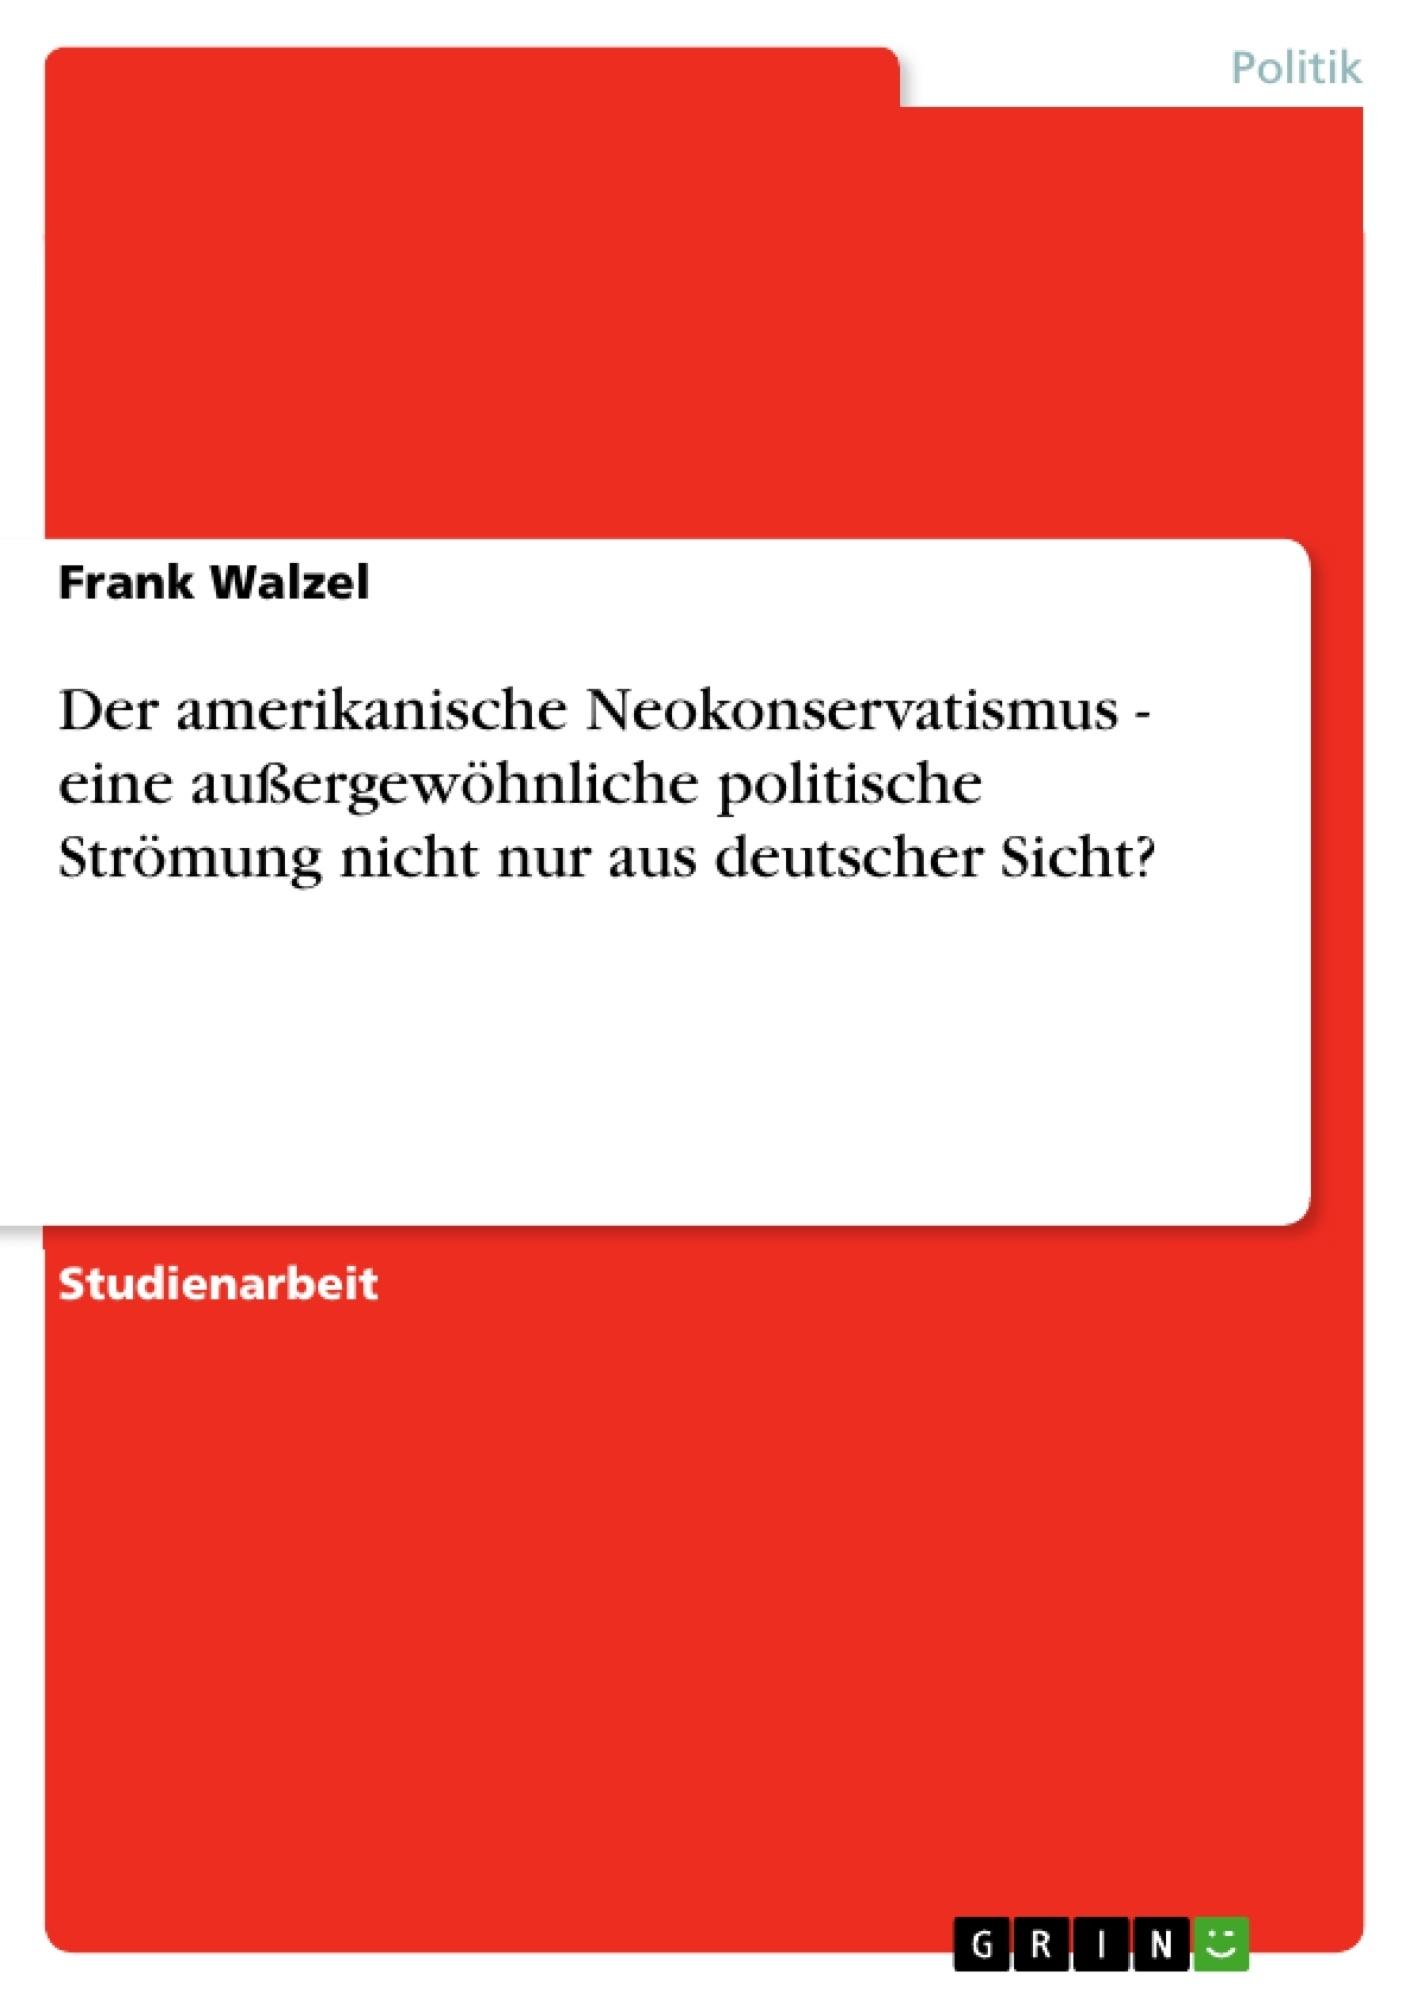 Titel: Der amerikanische Neokonservatismus - eine außergewöhnliche politische Strömung nicht nur aus deutscher Sicht?